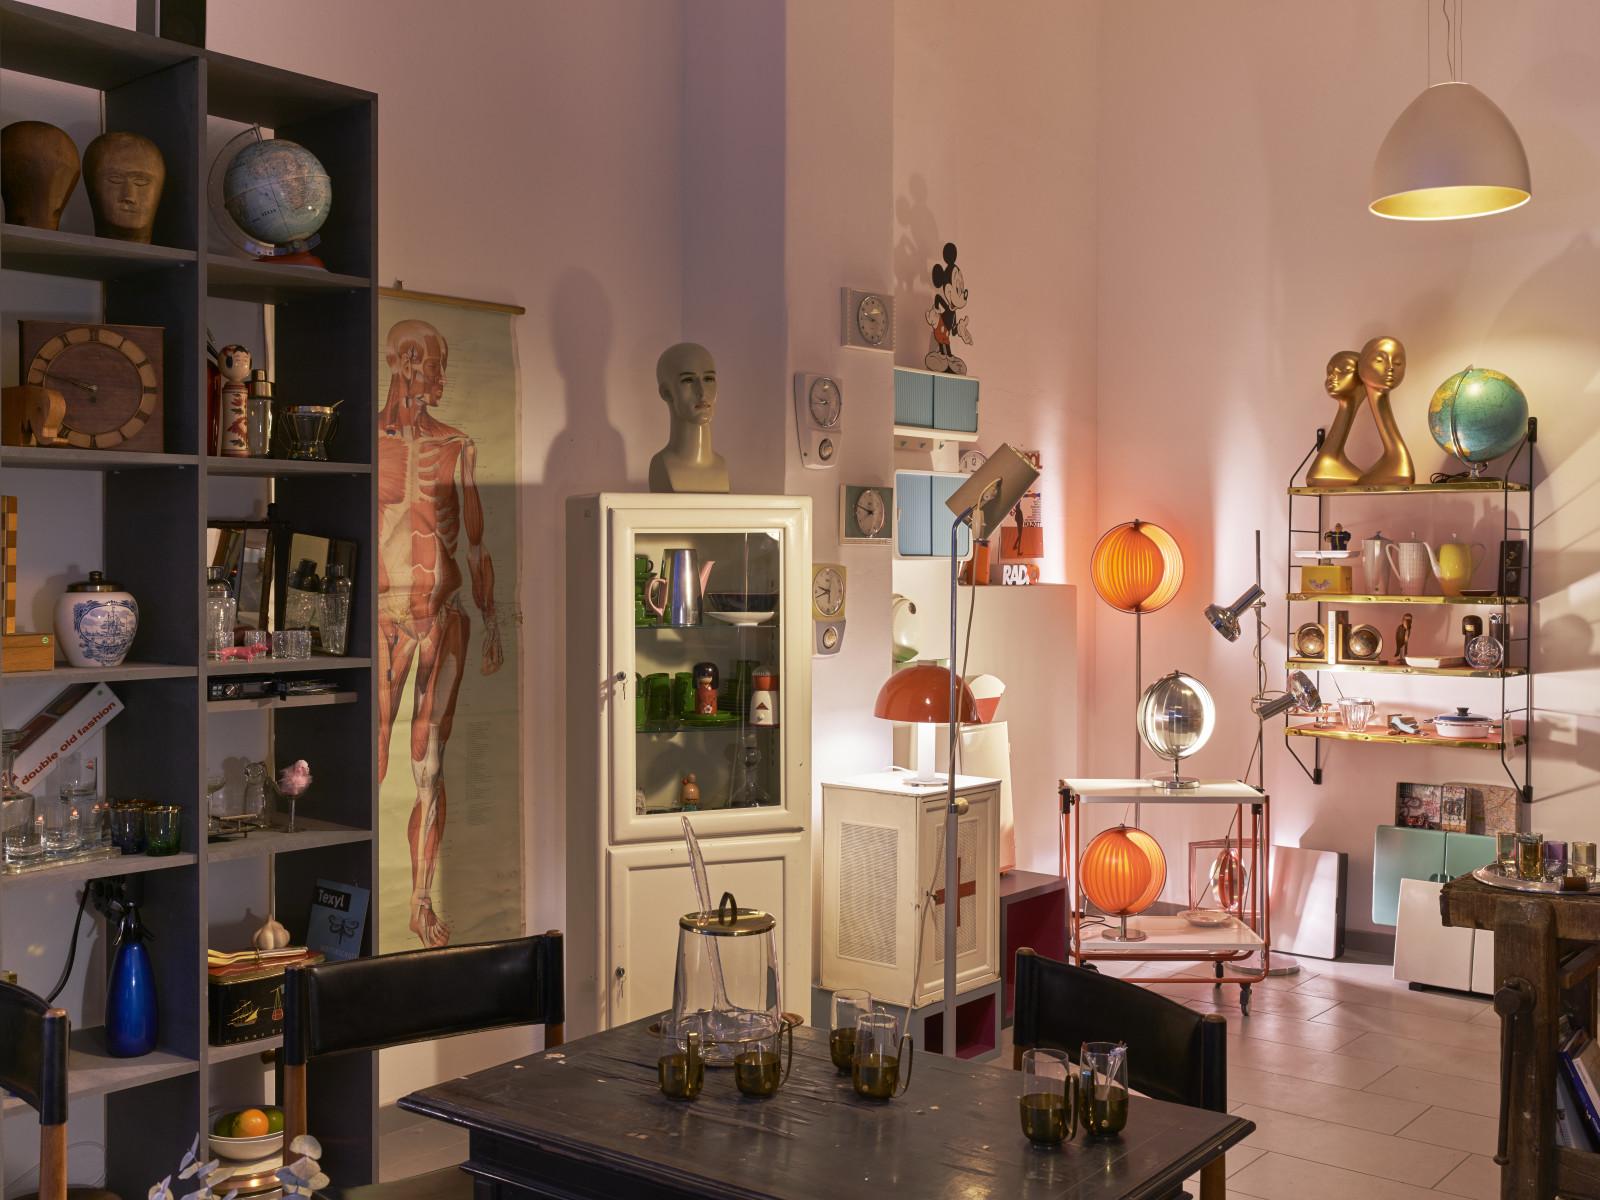 bost m bel und leuchten wohnaccessoires und kuriosa der. Black Bedroom Furniture Sets. Home Design Ideas